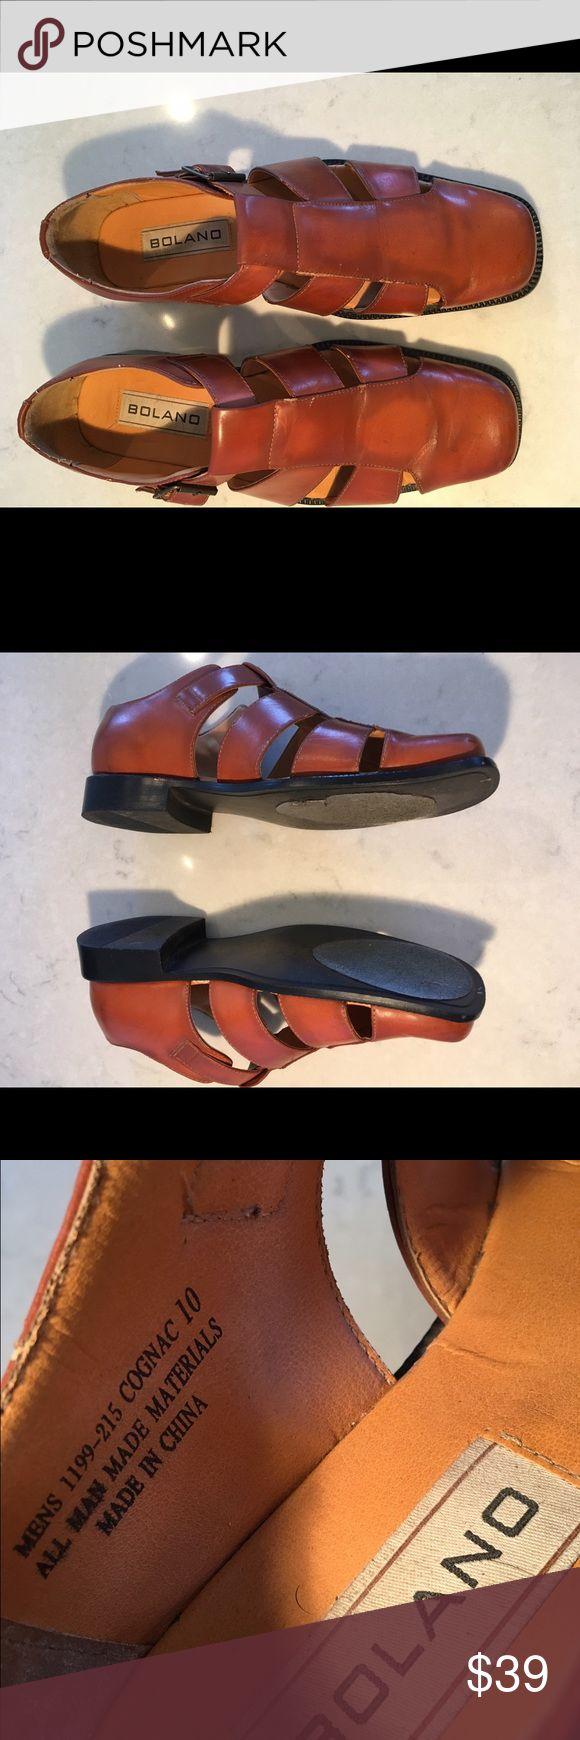 Men dress Sandals Cognac men sandals - feels larger than sz 10 (10.5 or 11) Bolano Shoes Sandals & Flip-Flops